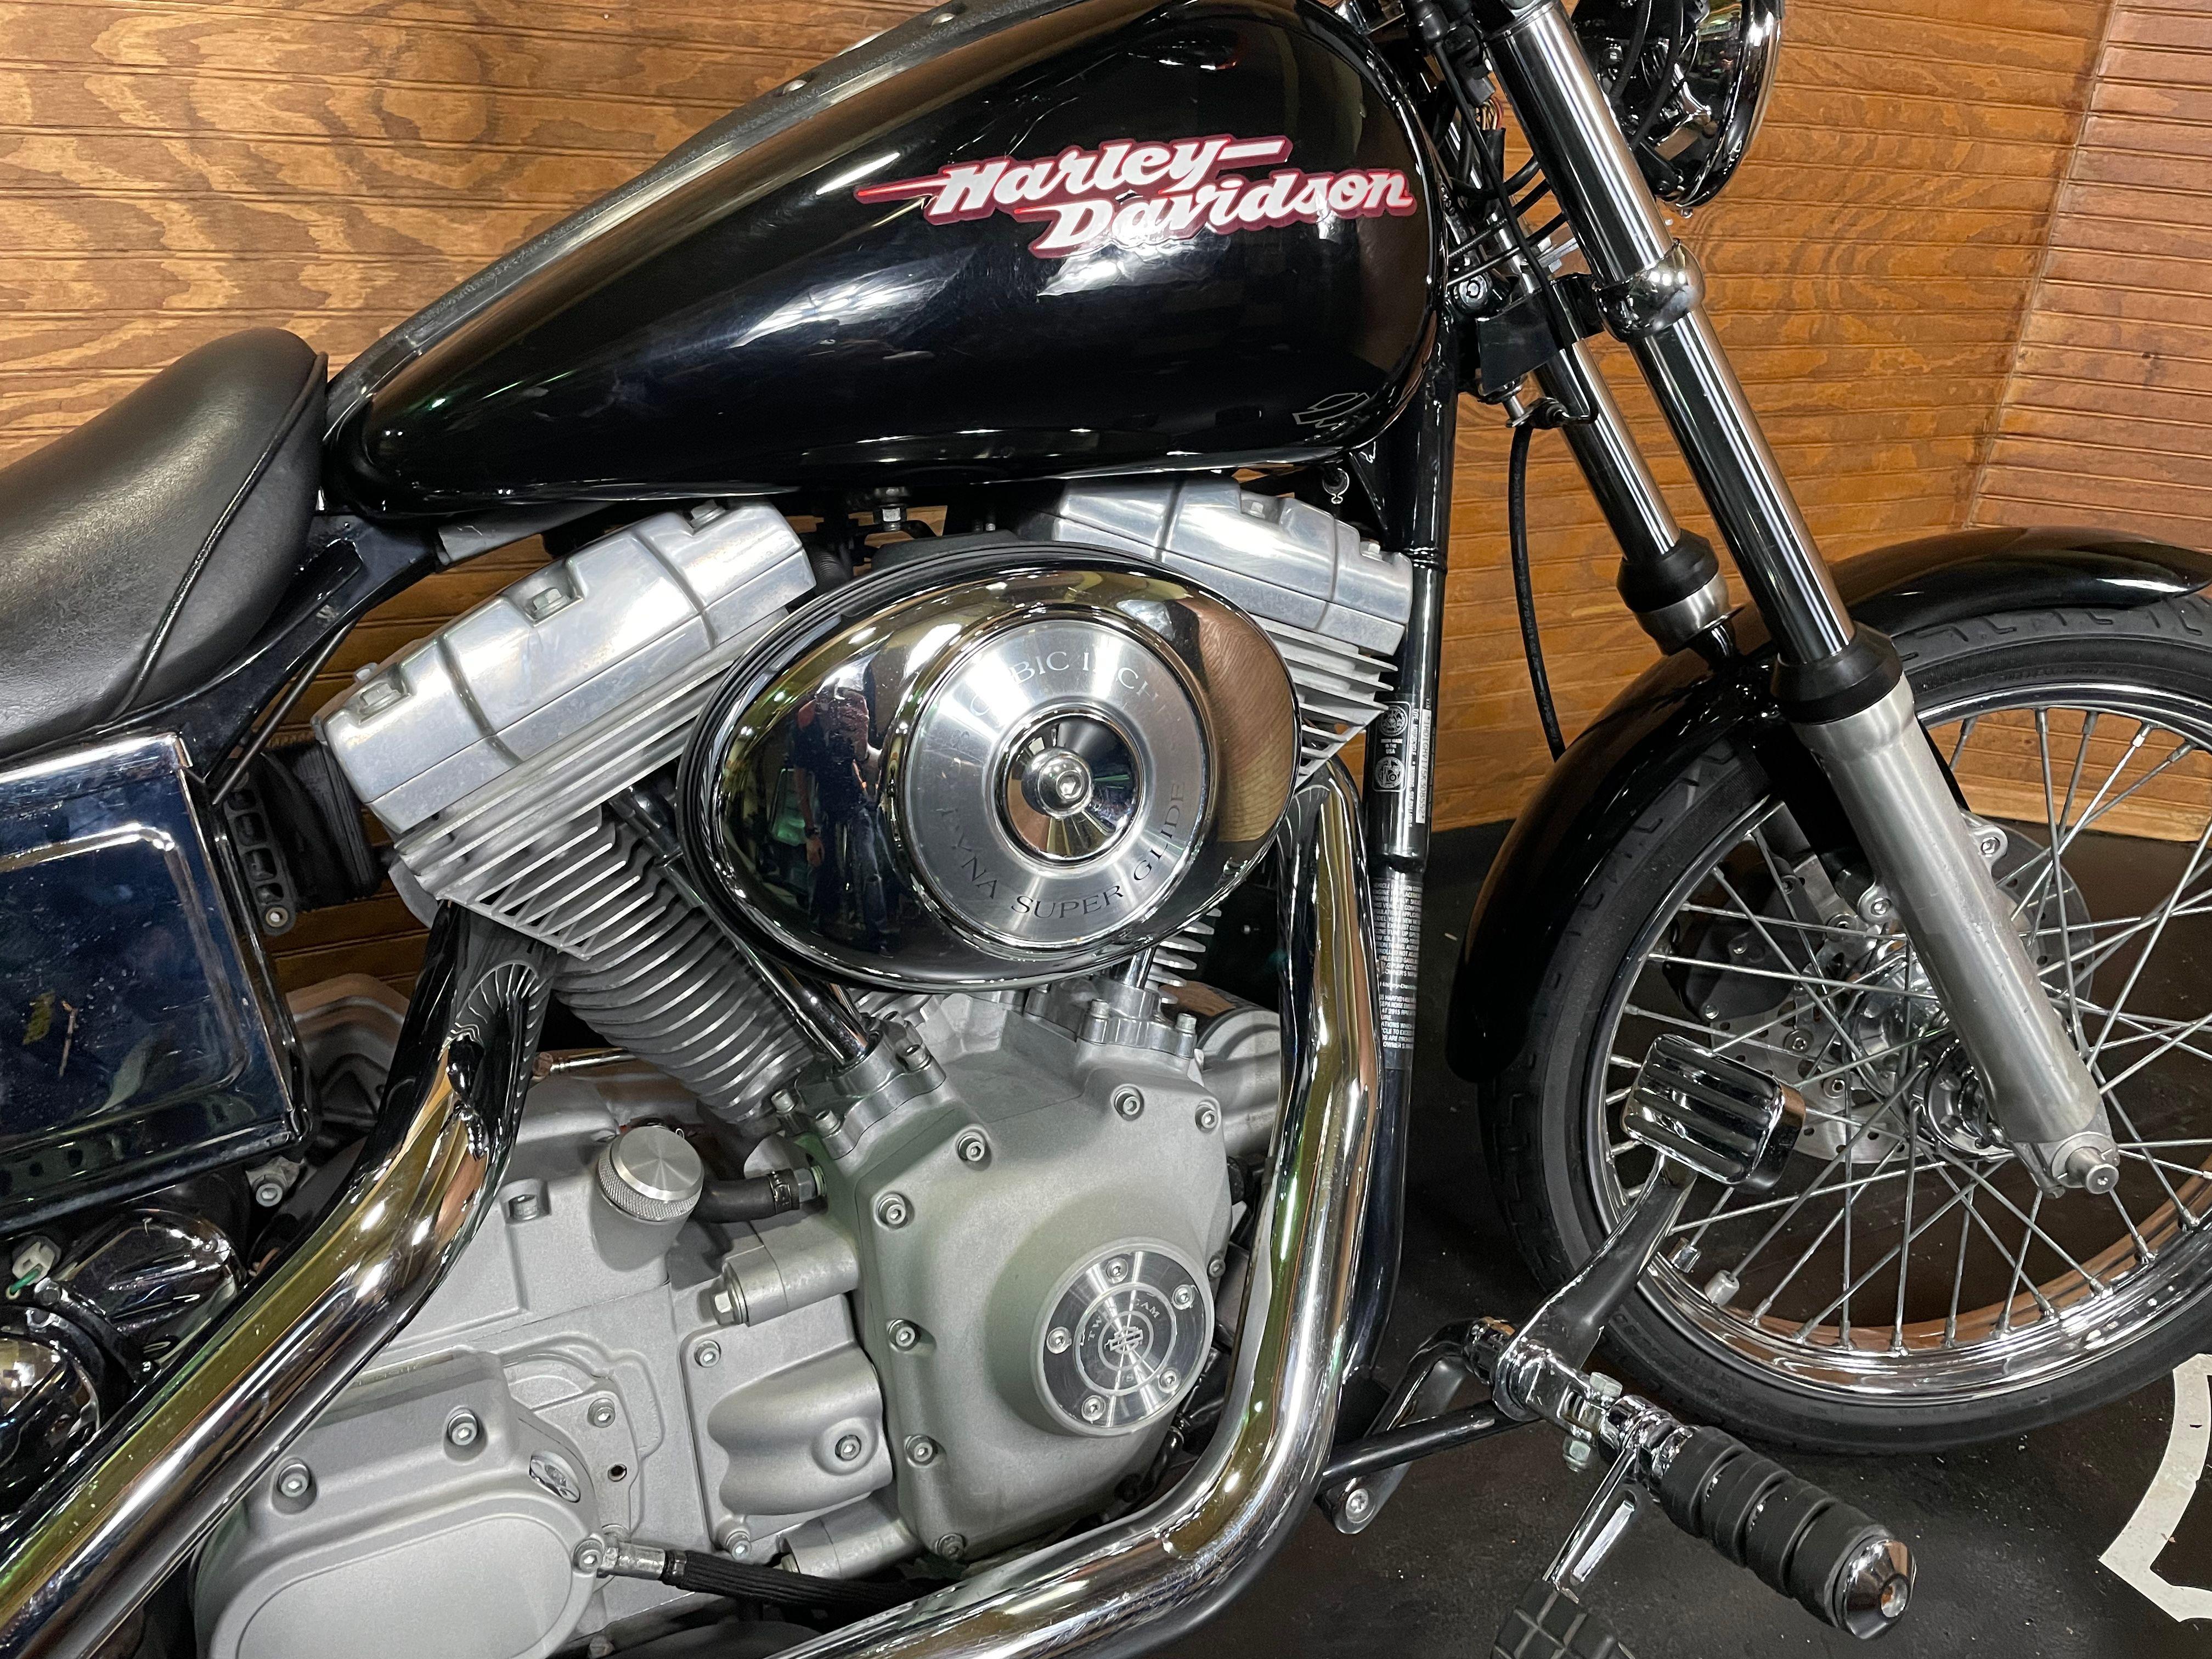 Pre-Owned 2005 Harley-Davidson Super Glide